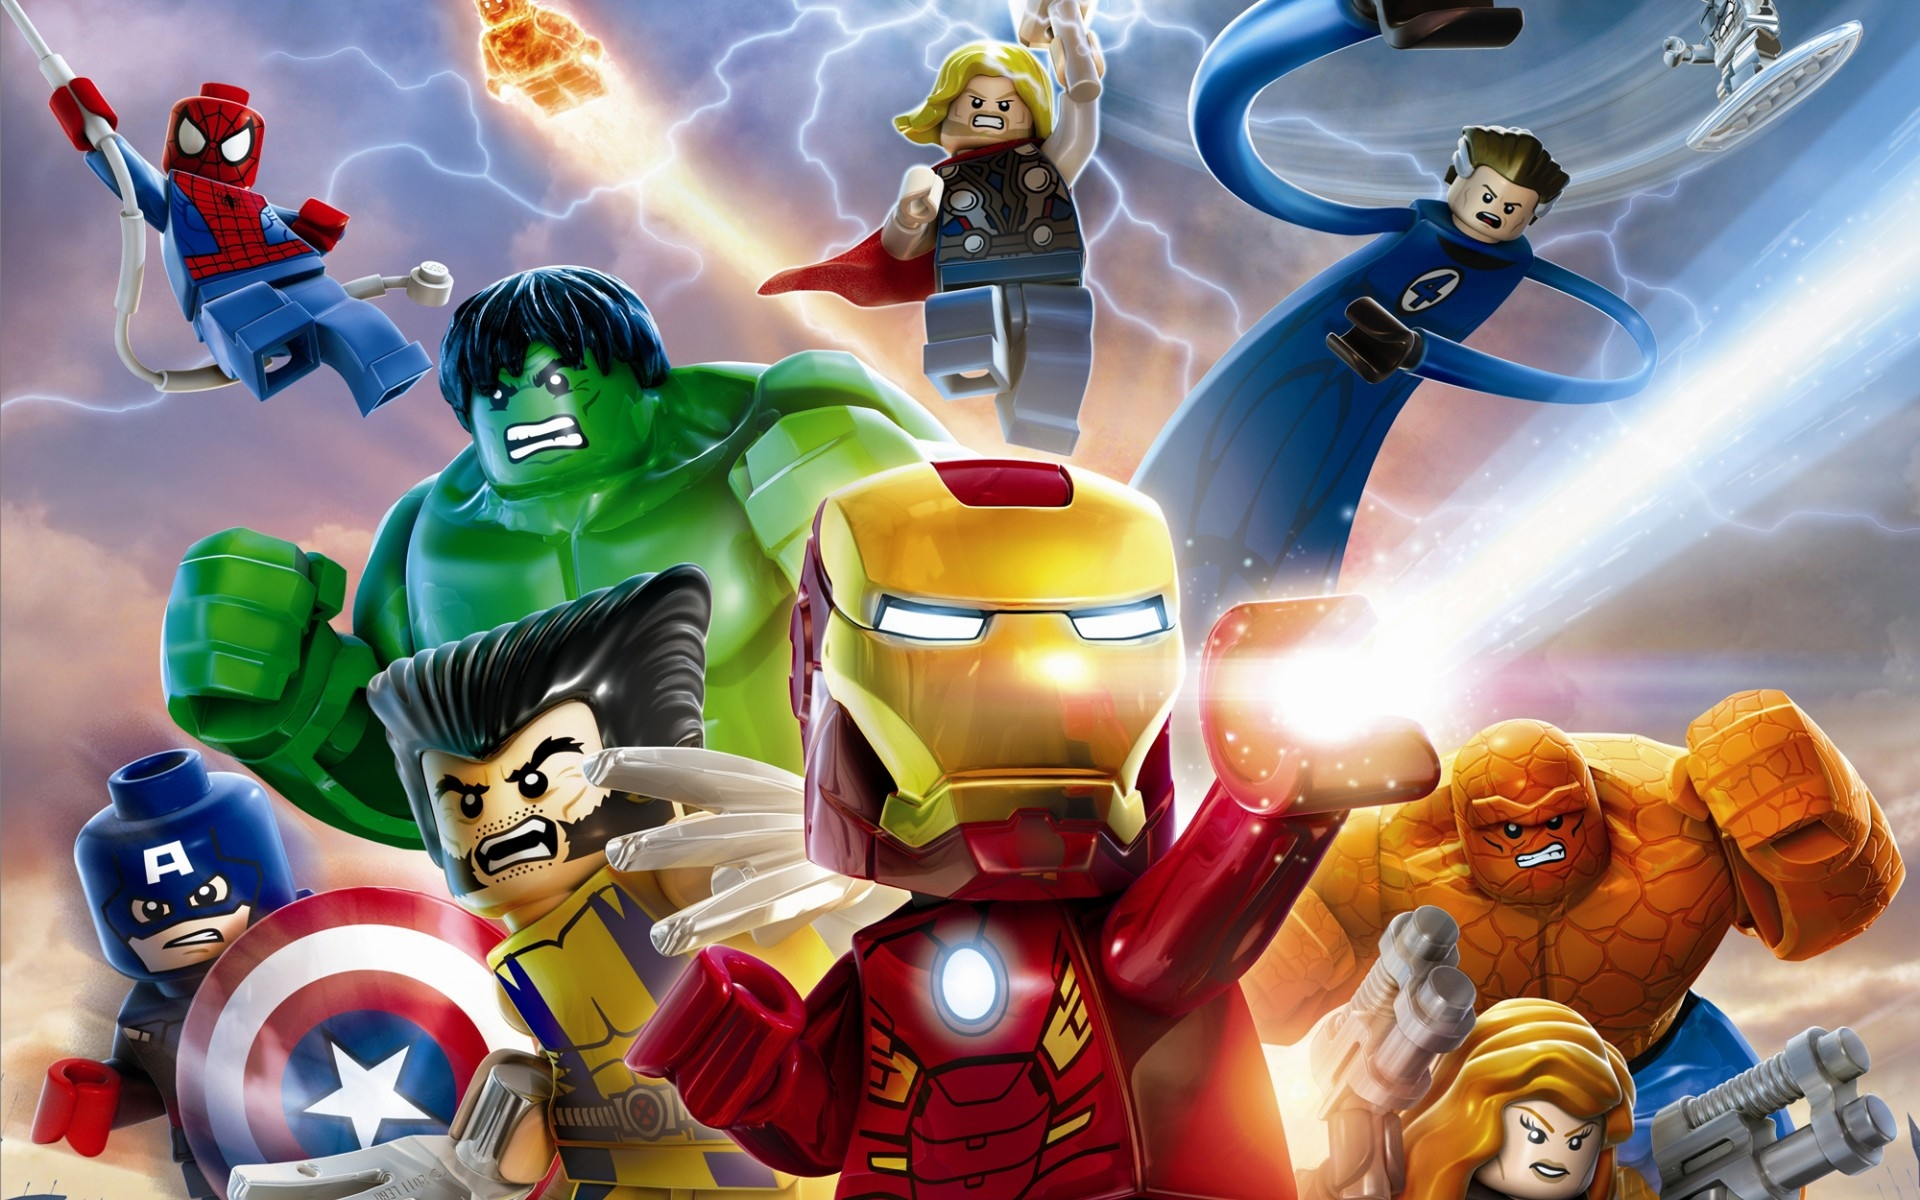 download wallpaper: Lego Marvel Avengers wallpaper